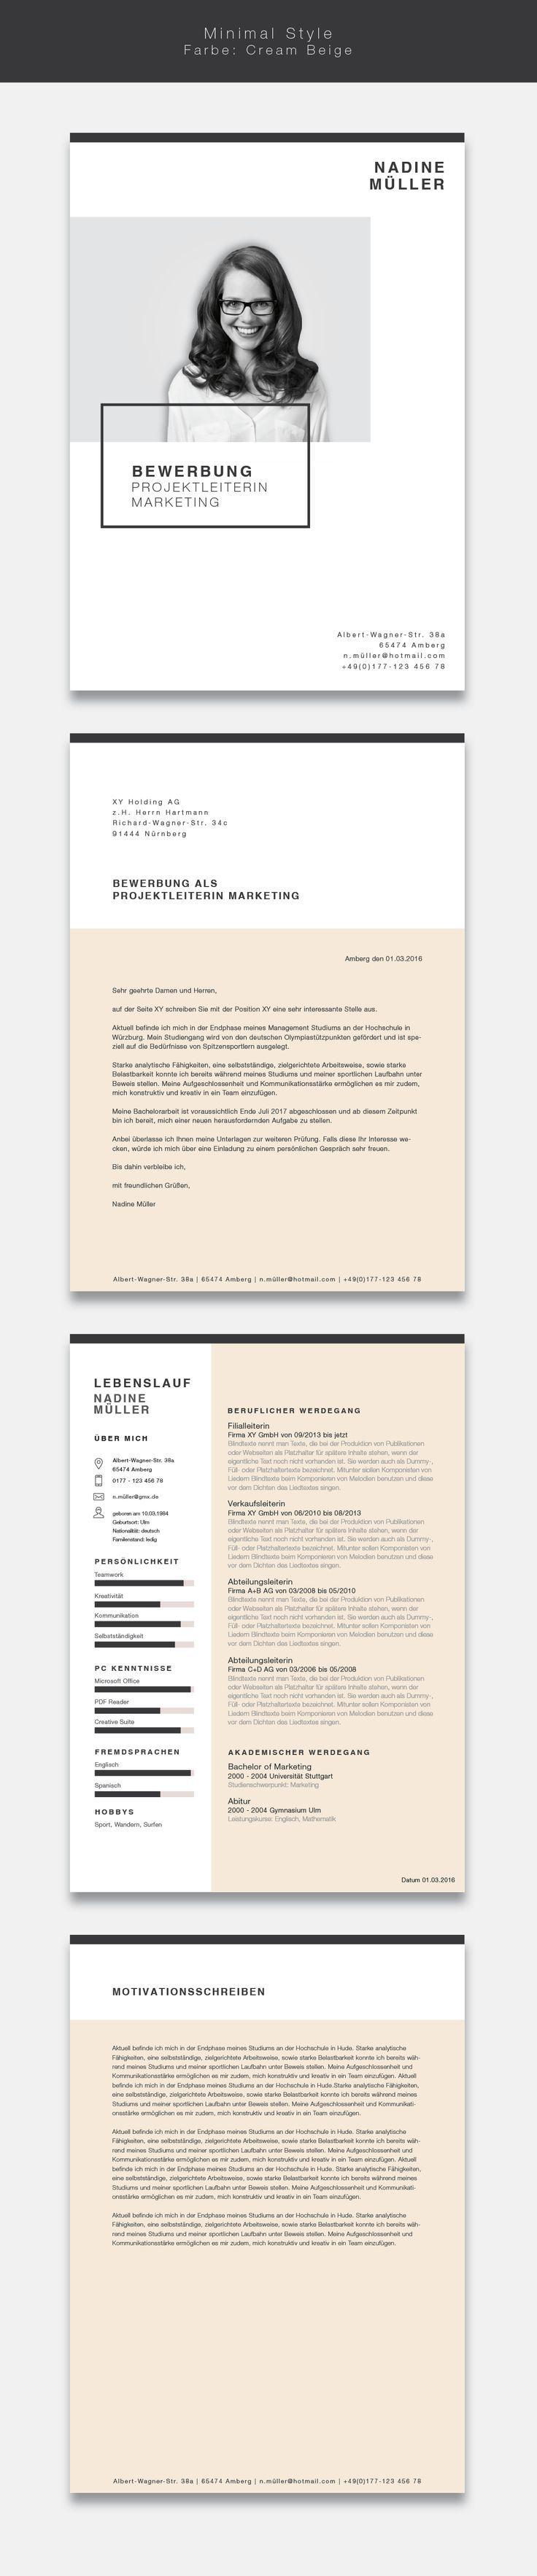 Bewerbungsvorlage Lebenslauf Minimal Style Bewerbungsvorlagelebenslauf Farbe Minimal Style Fashion Editorial Layout Resume Design Layout Design